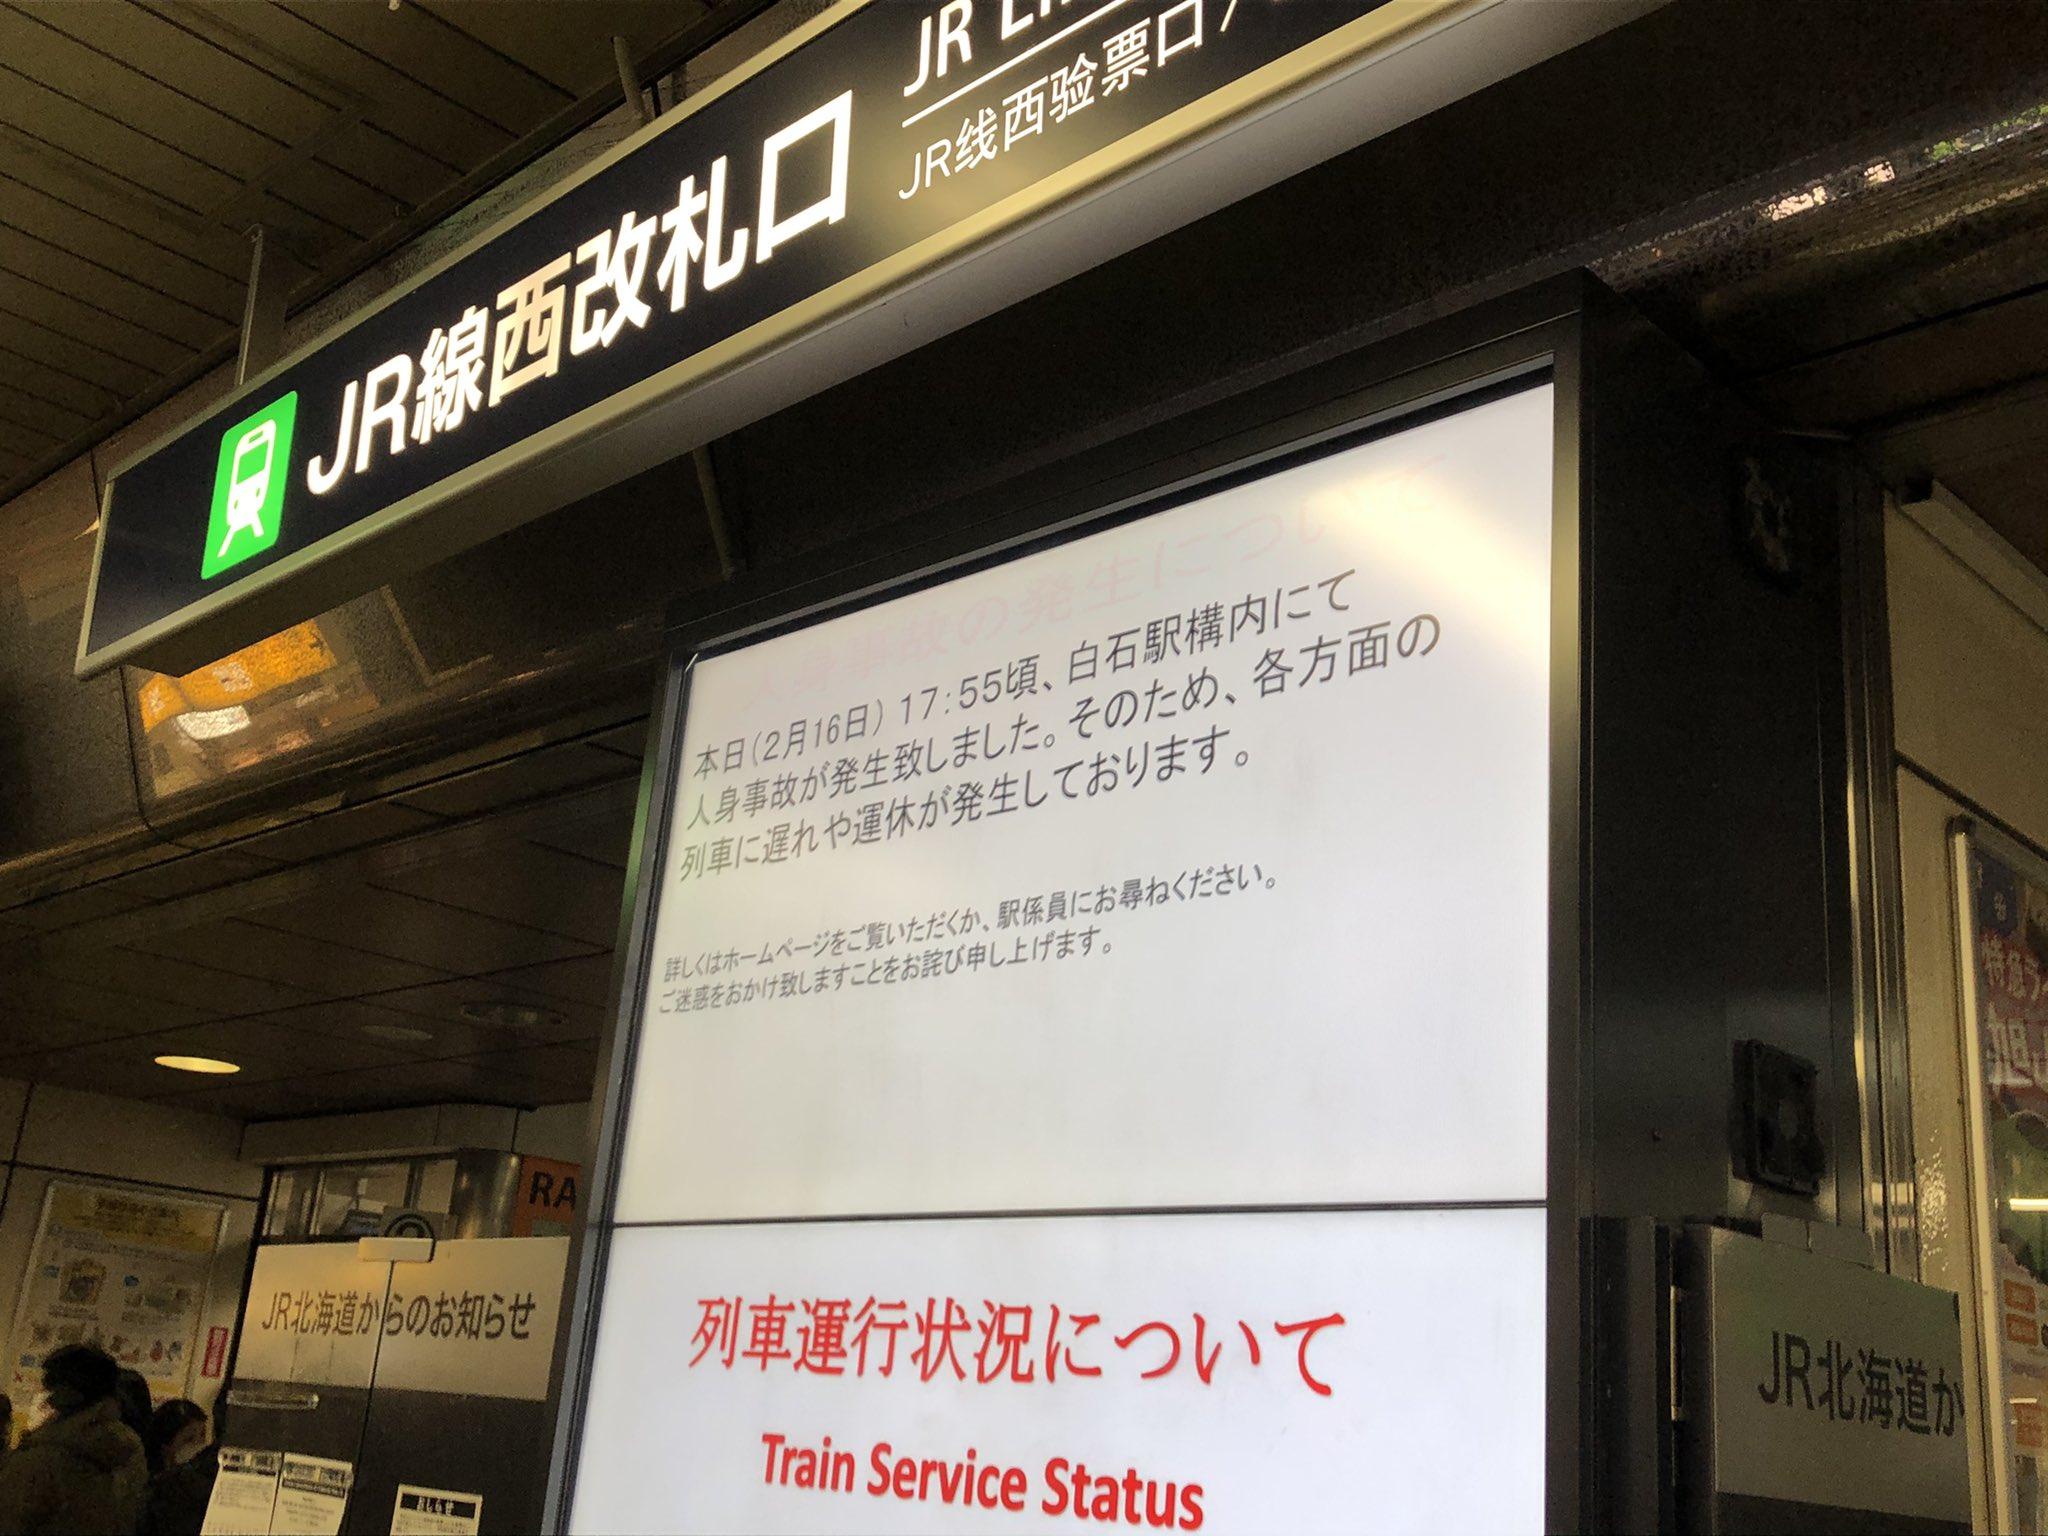 本線 運行 状況 函館